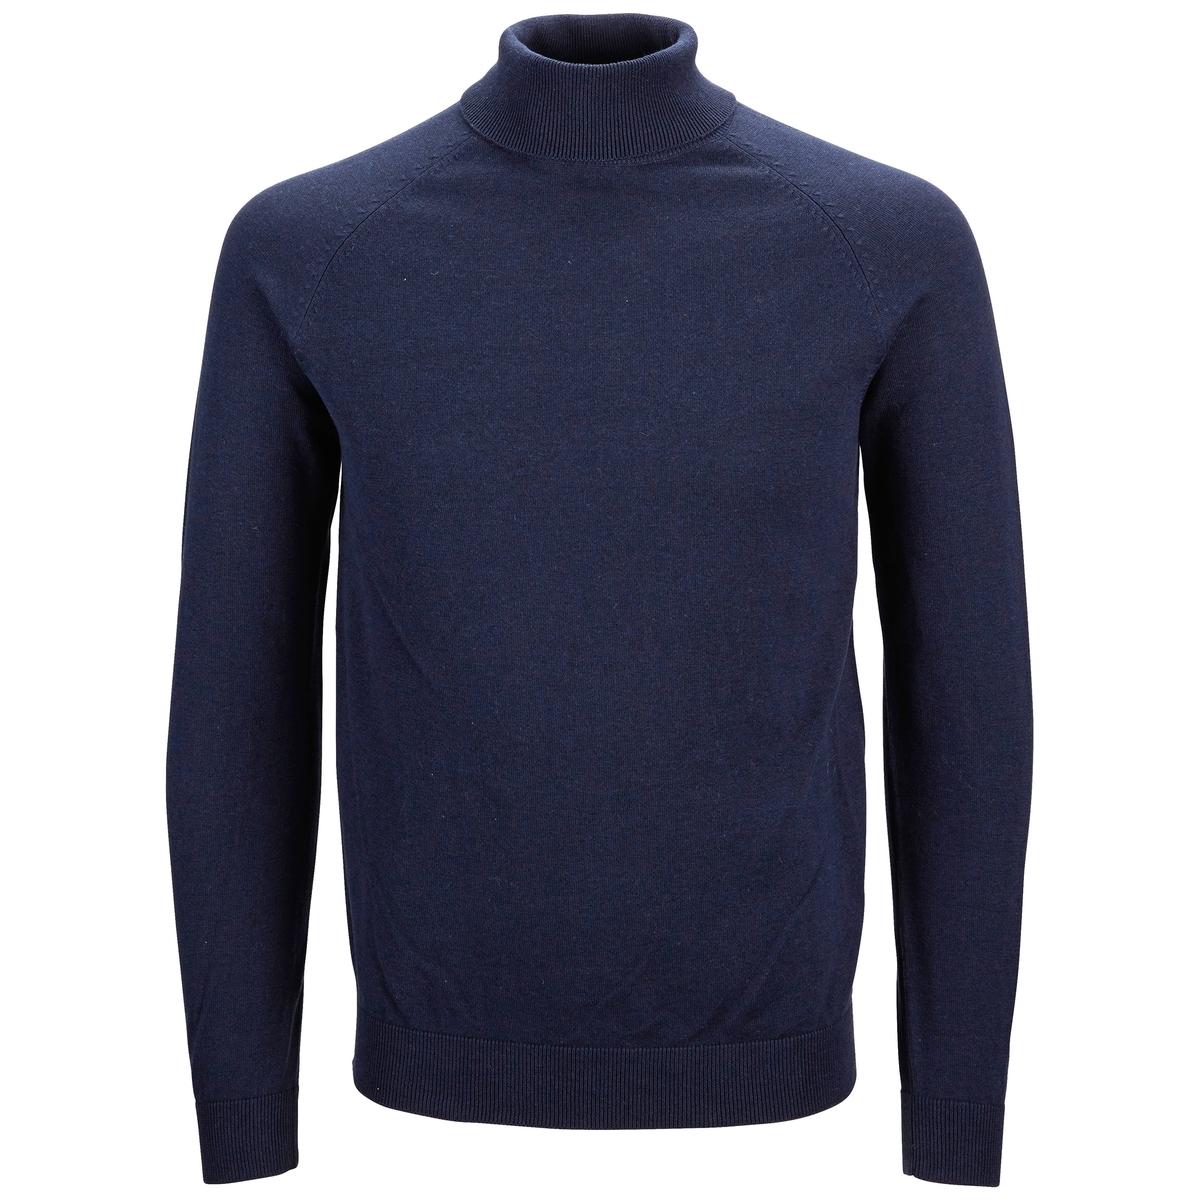 Пуловер с высоким воротникомСостав и описание :Материал : 90% хлопка, 10% шелкаМарка : SELECTED HOMME.<br><br>Цвет: темно-синий<br>Размер: M